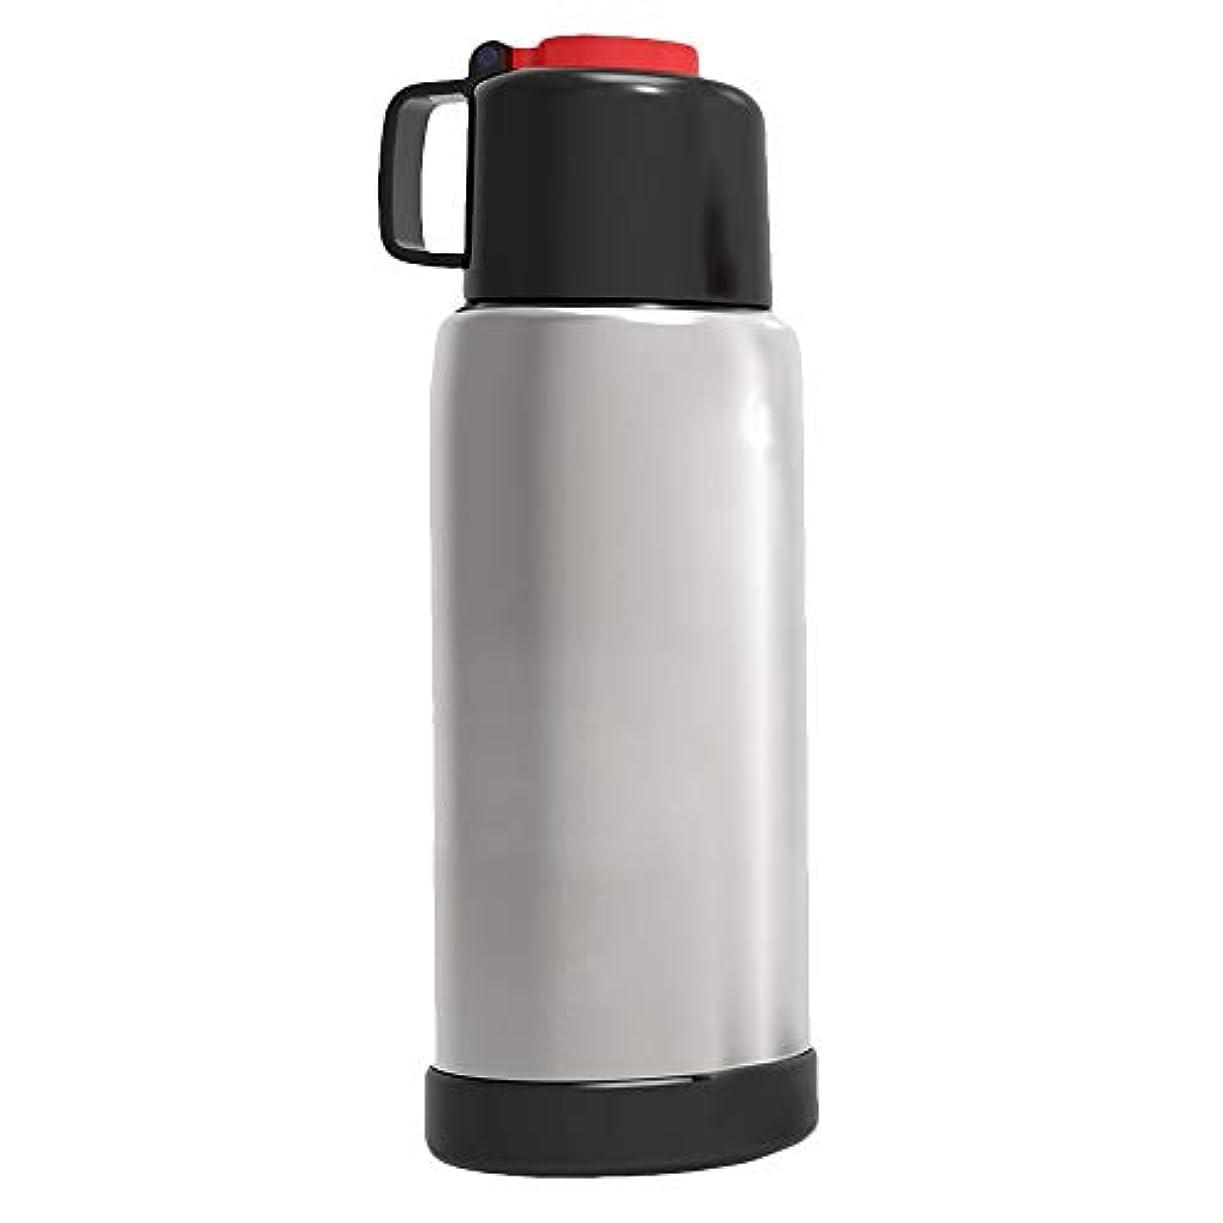 ジェームズダイソン付き添い人雪だるま大型スポーツウォーターボトル 2.2リットル BPAフリー プラスチック 軽量 巨大 水筒 漏れ防止 大容量 ウォータージャグコンテナ キャリーループ付き フィットネス キャンプ ハイキング ジム用 (ブラック)